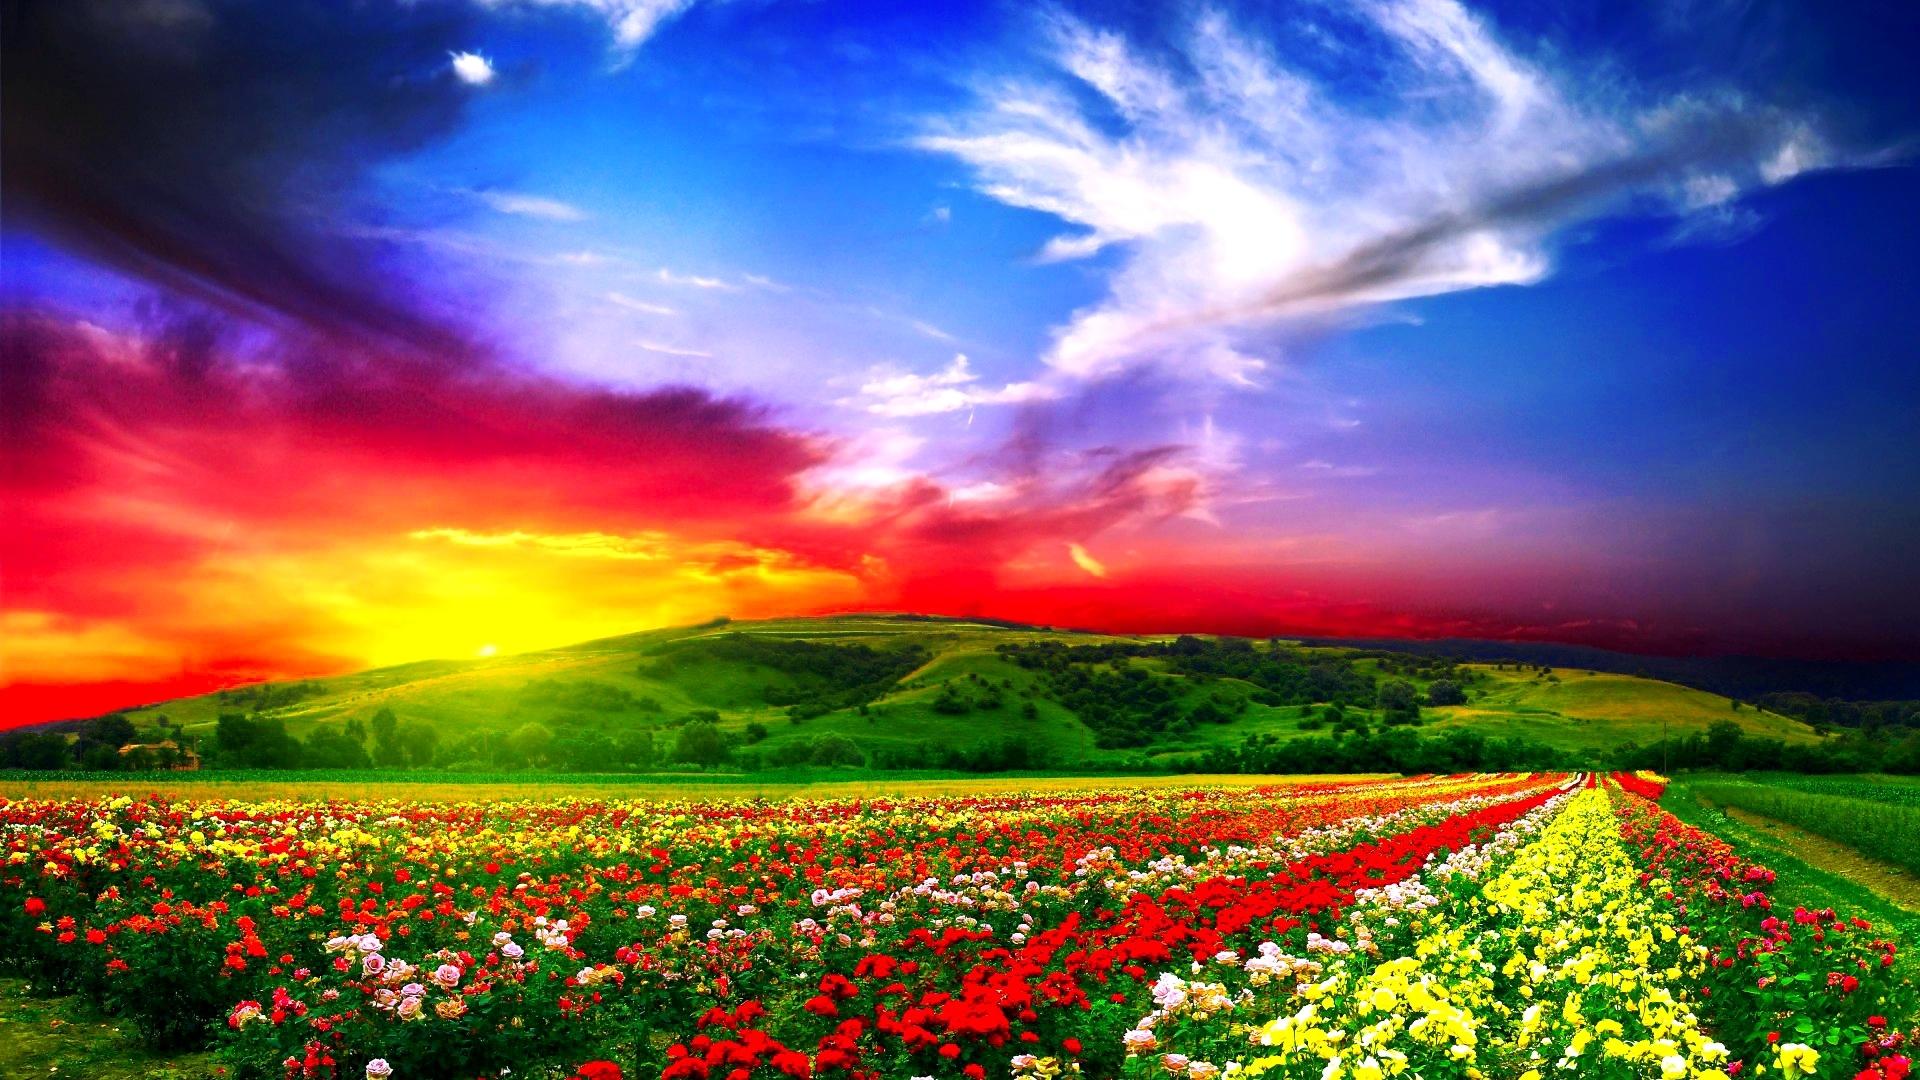 flowers field beautiful